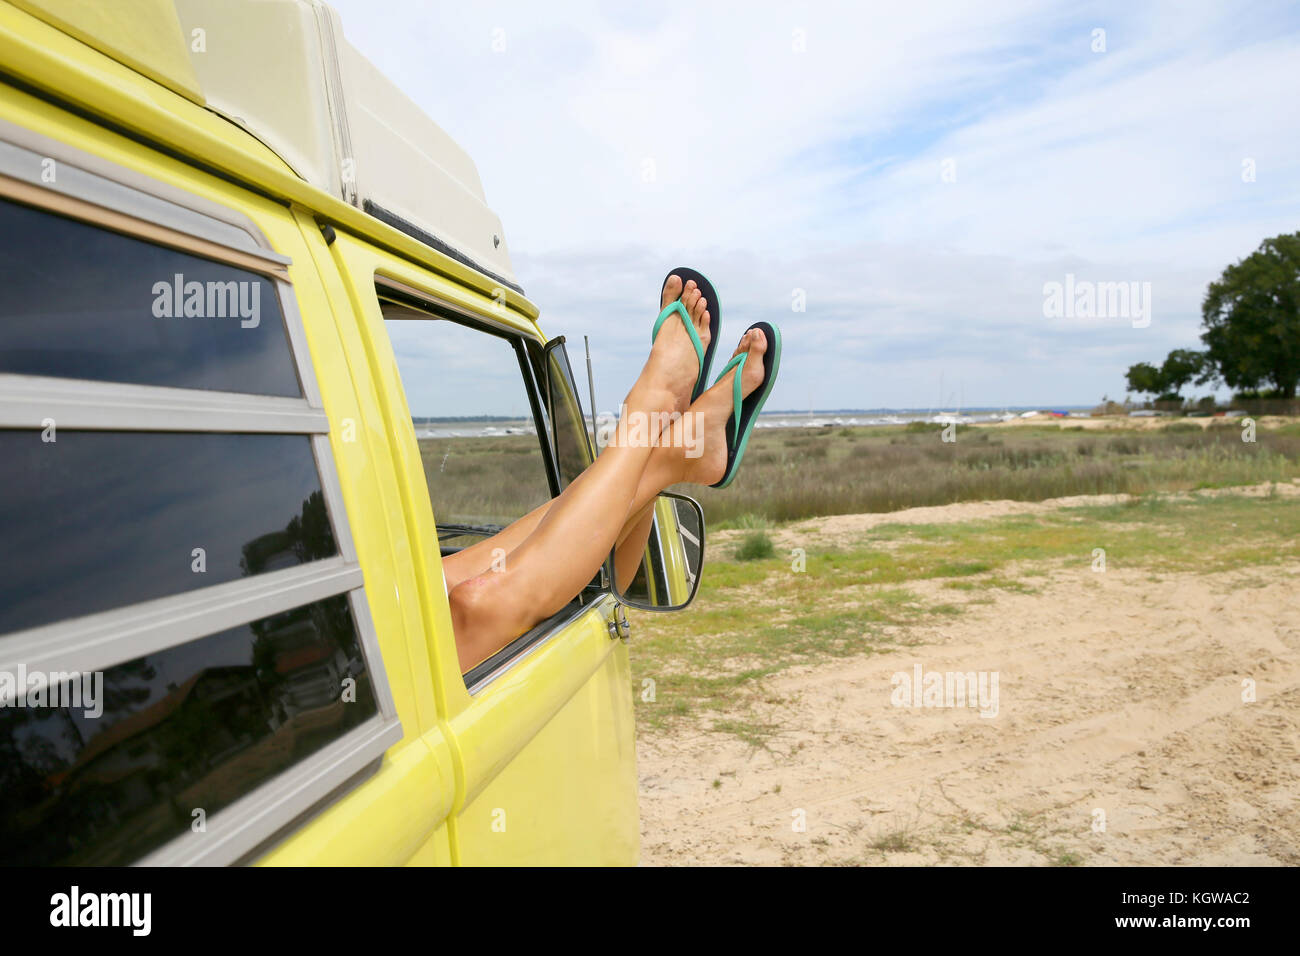 Les pieds de détente au bord de la fenêtre de camping-car Photo Stock